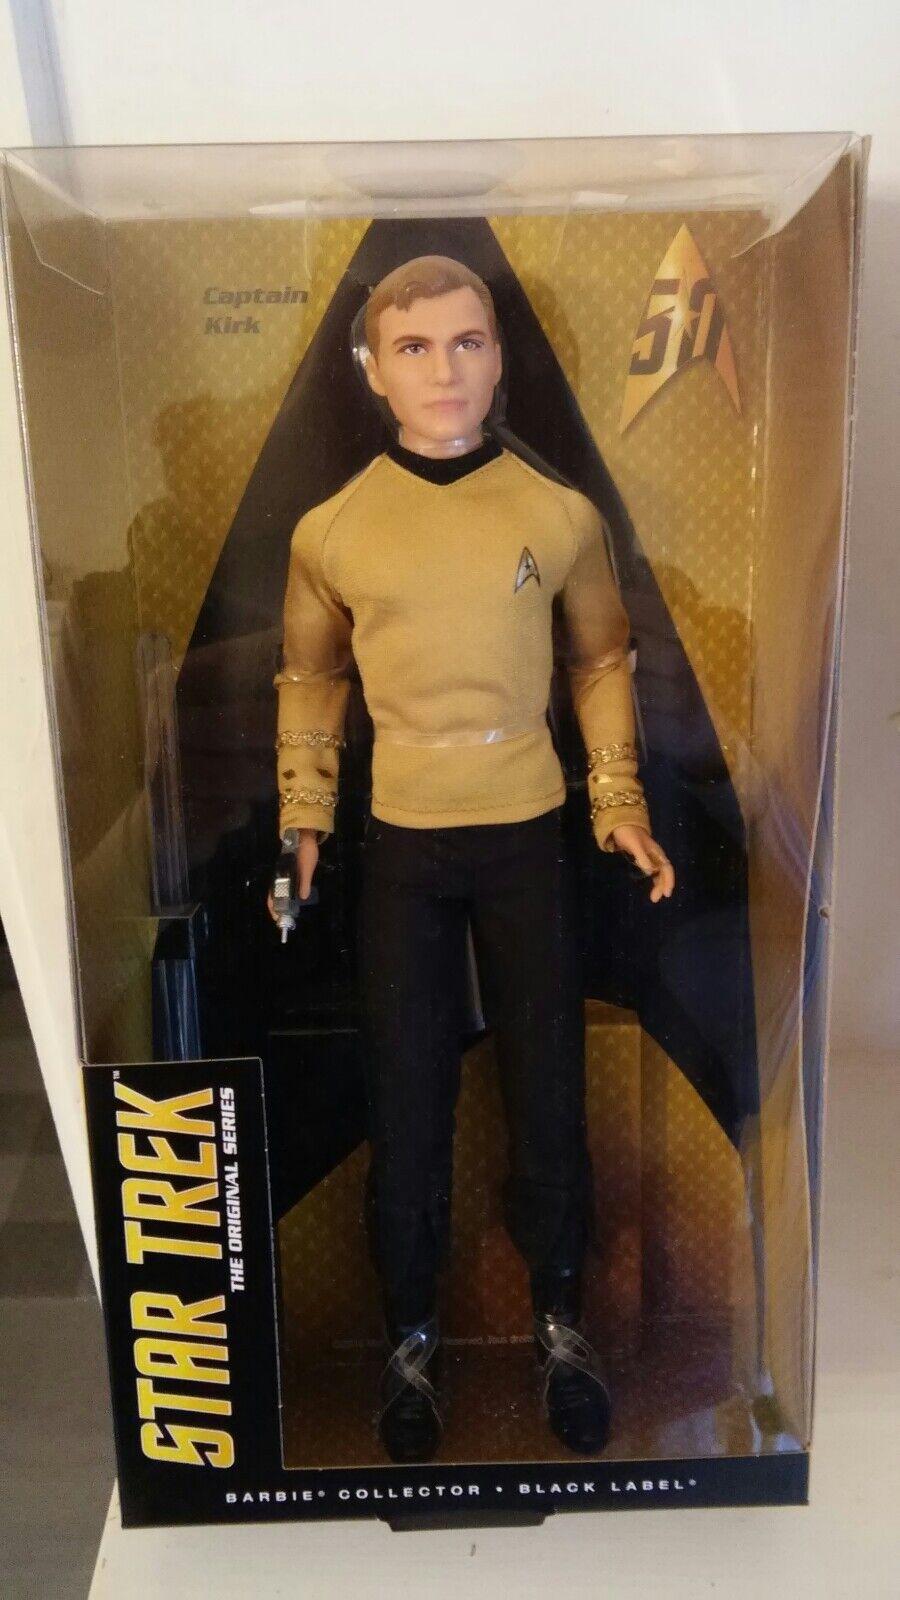 Ken as captain Kirk, the Star Trek, the original series 2016 nrfb